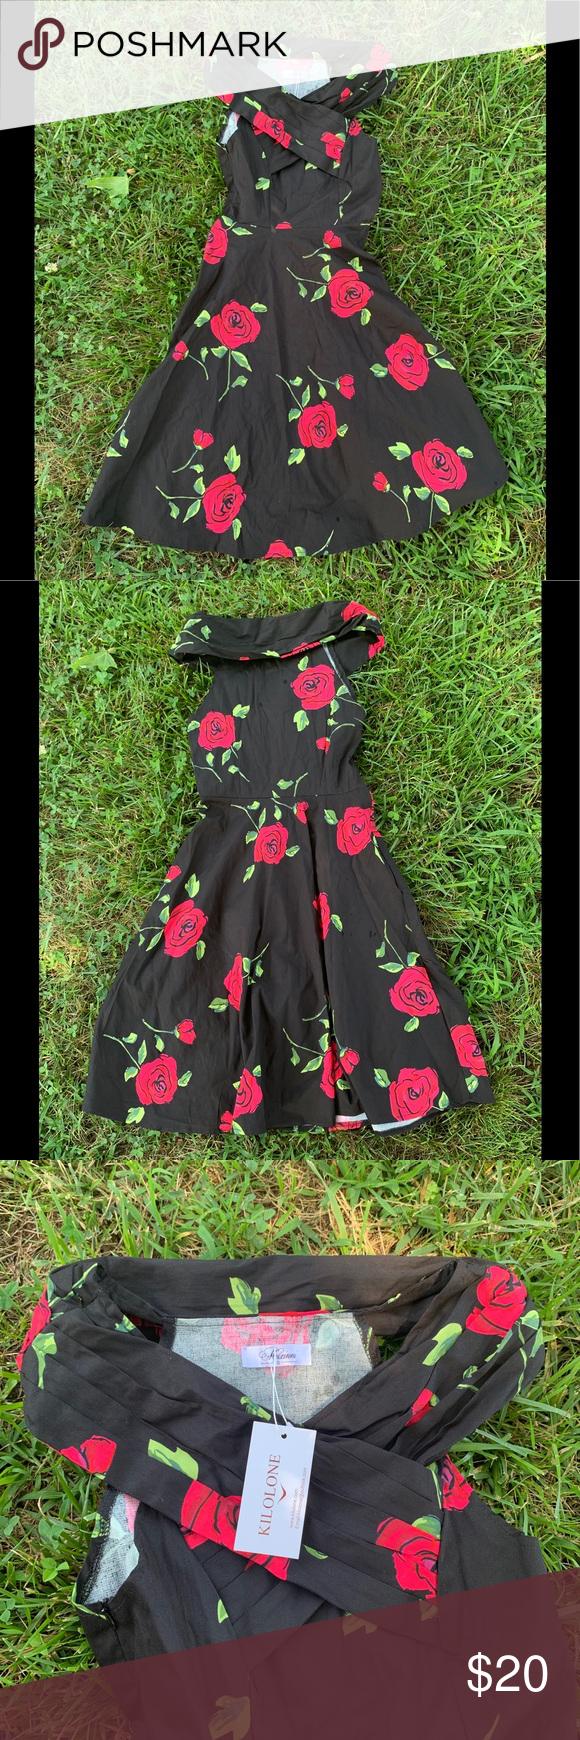 Nwt Mpixinni Dress Size Small Cute Black Dress Dresses Cute Black [ 1740 x 580 Pixel ]